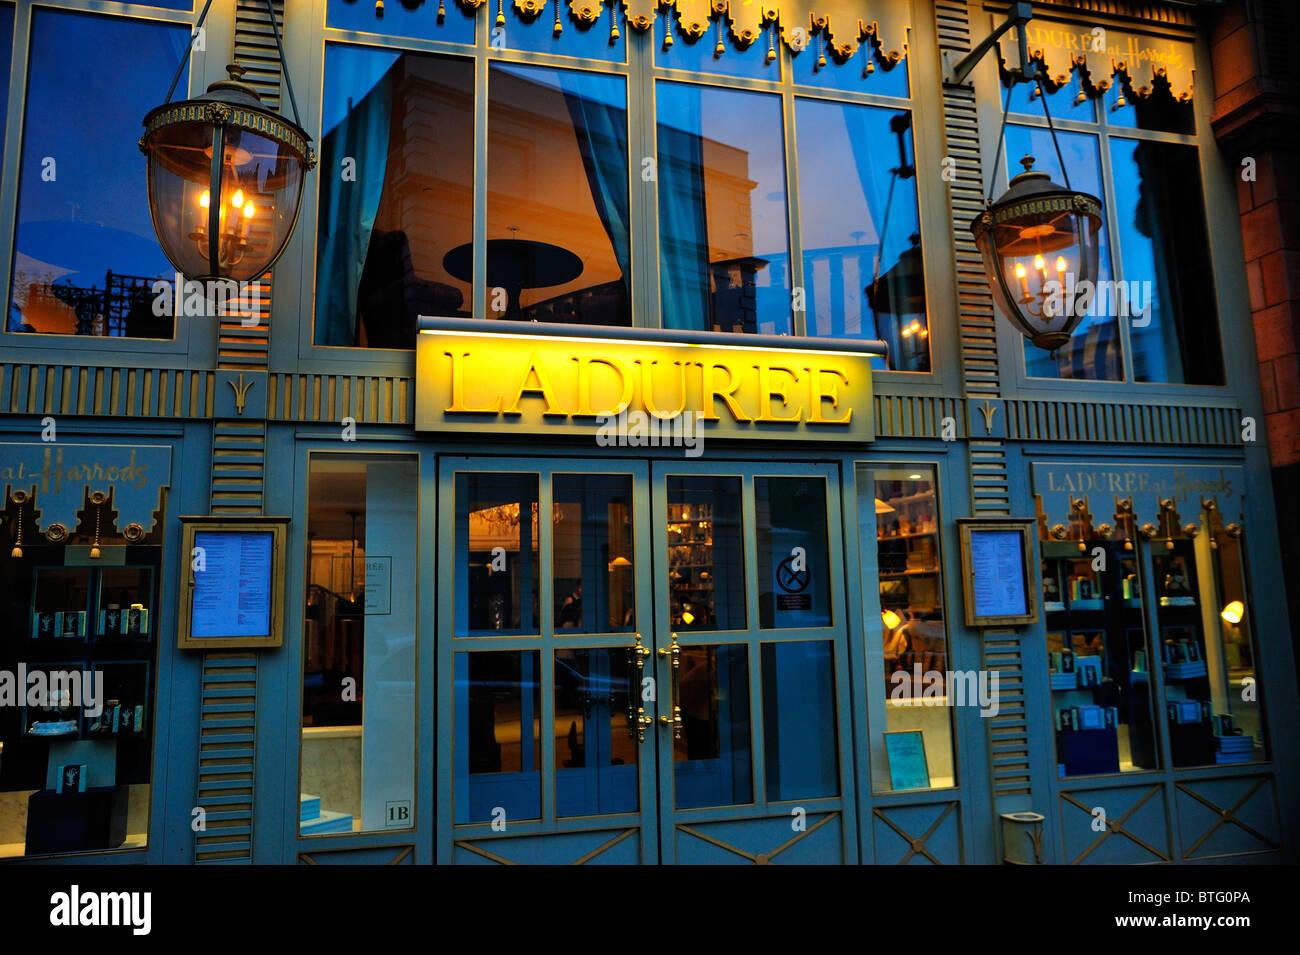 Laduree shop at Harrods, Knightsbridge, London - Stock Image